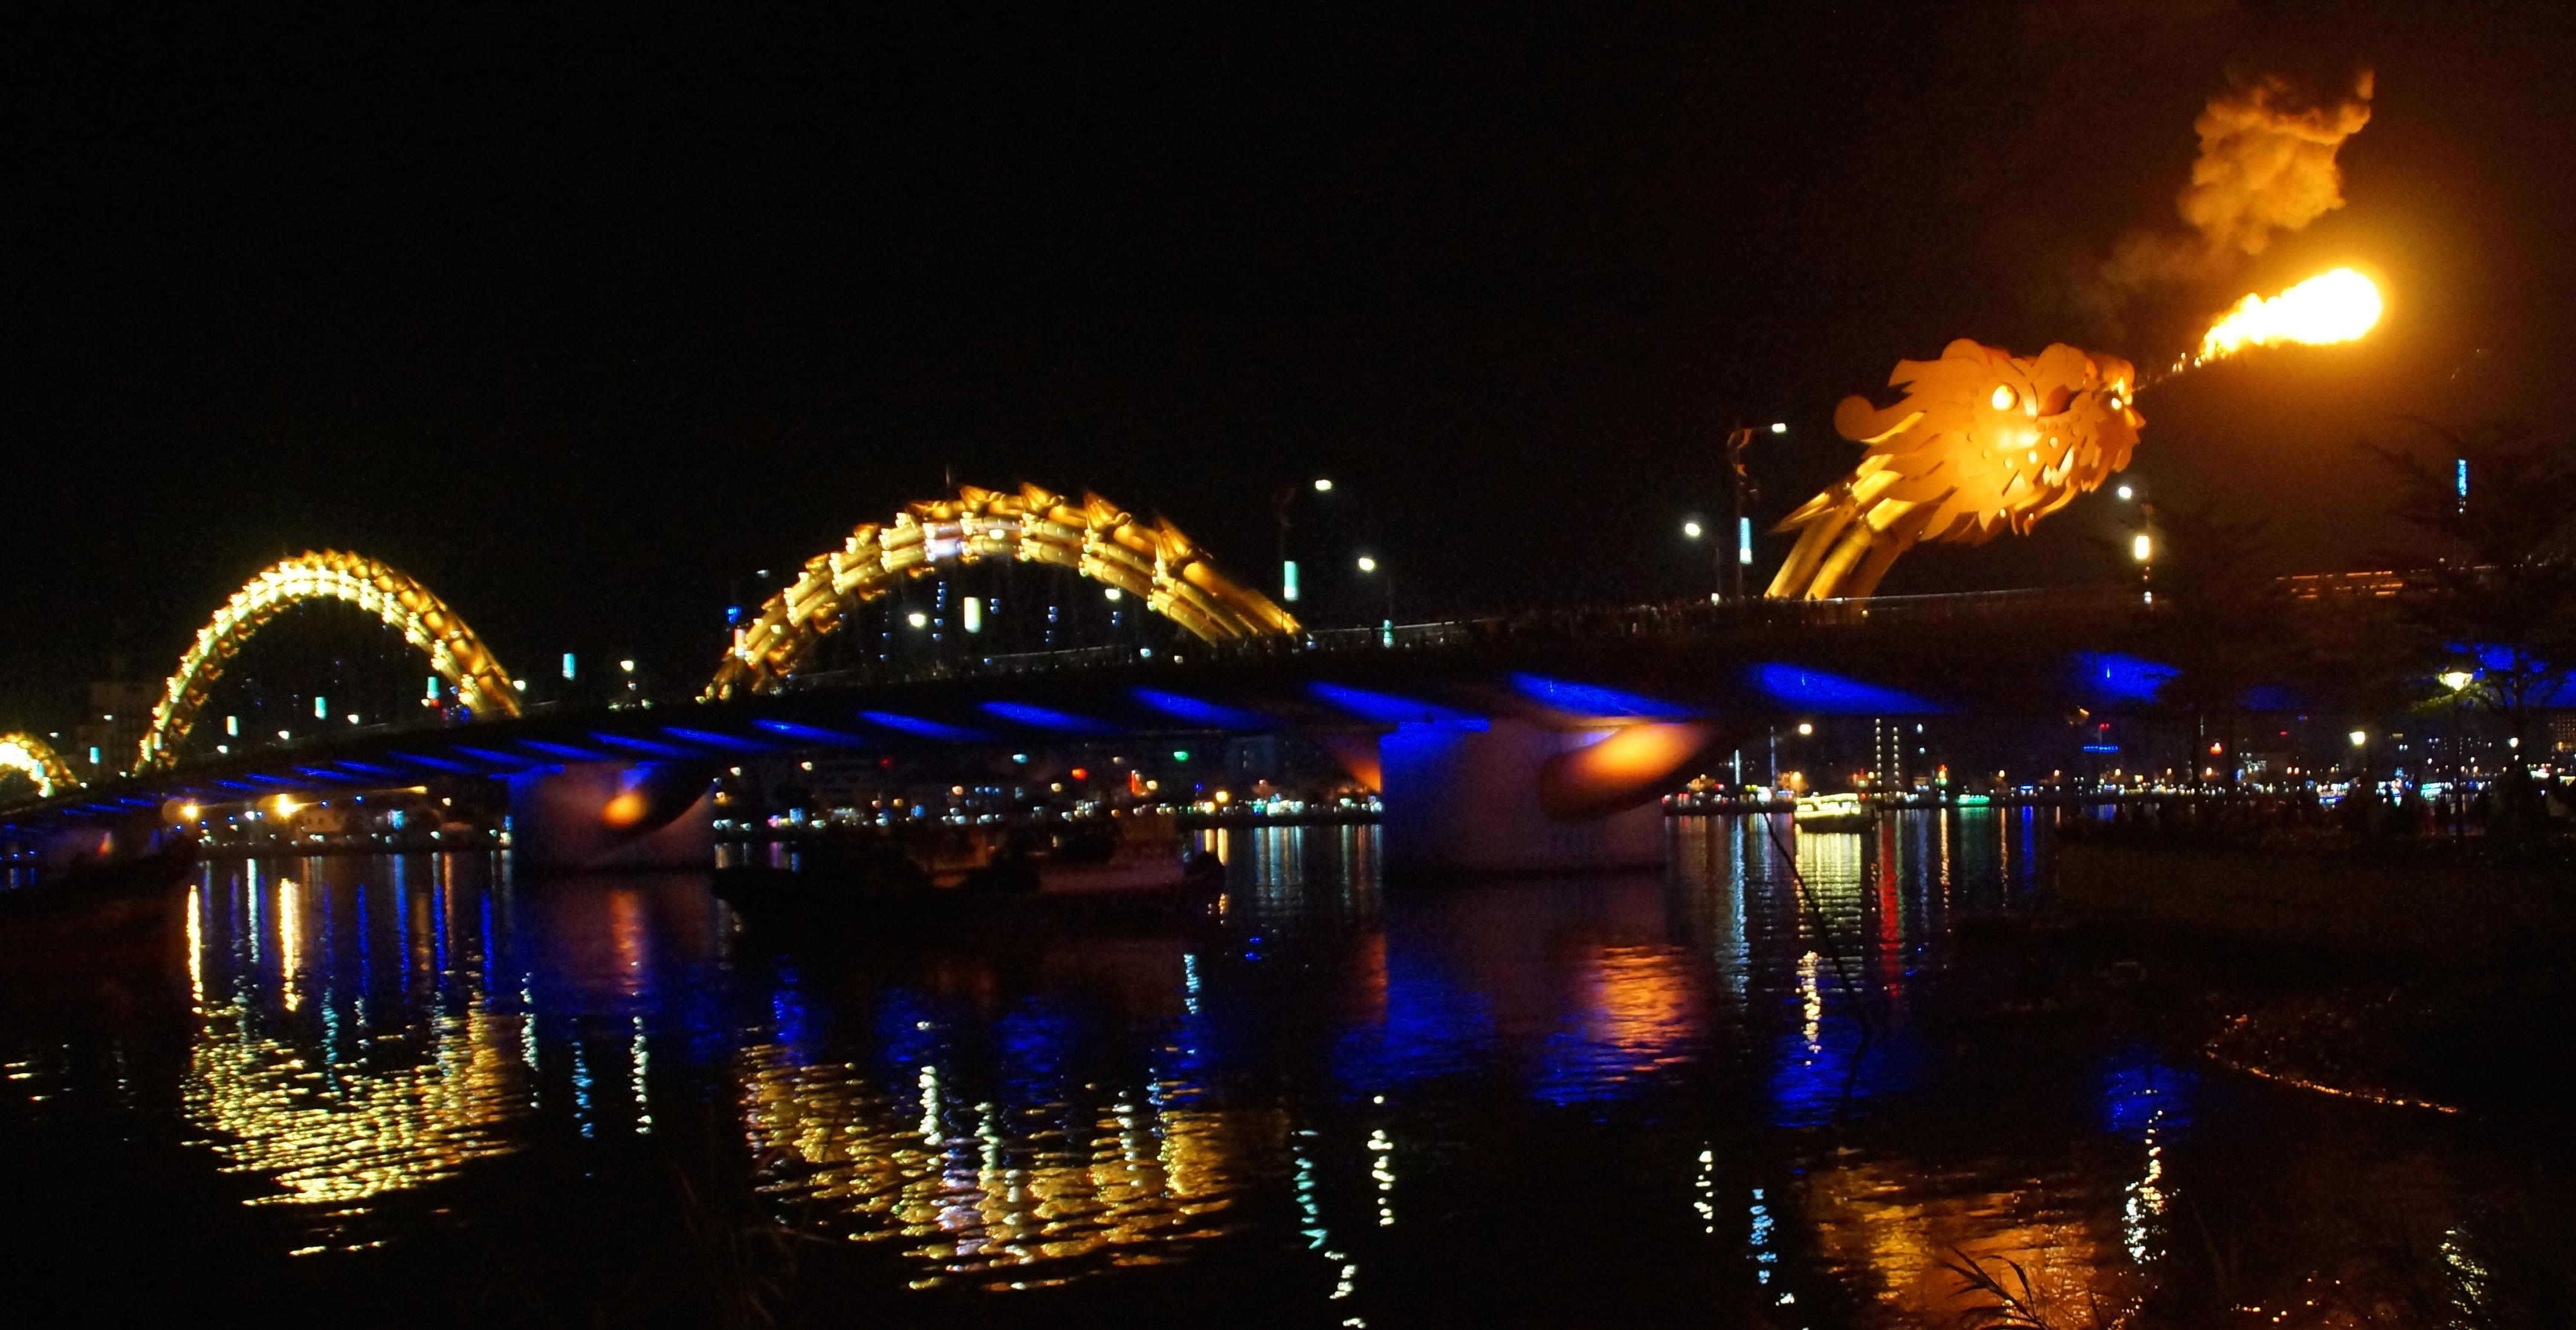 Cầu Rồng sẽ phun lửa và nước vào 21h các ngày thứ 7 và chủ nhật, du khách đến đây thì đừng bỏ lỡ cơ hội thưởng thức nhé.